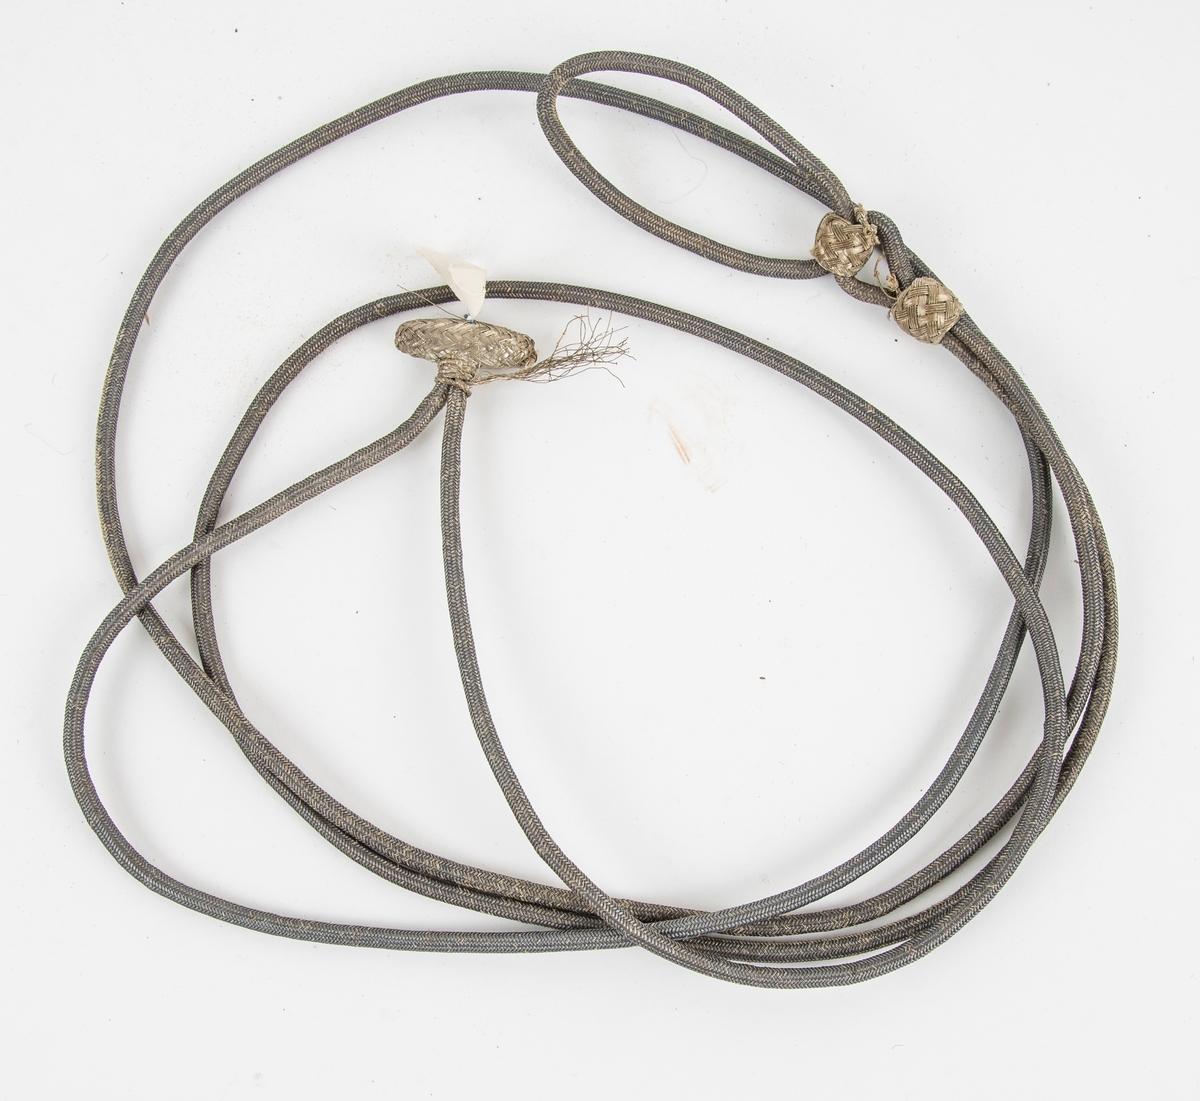 Snor i flette nysølv rundt eit bøyeleg materialer. I eine enden avlang knapp, også fletta. Lagt dobbel, den eine enden lengre enn den andre.